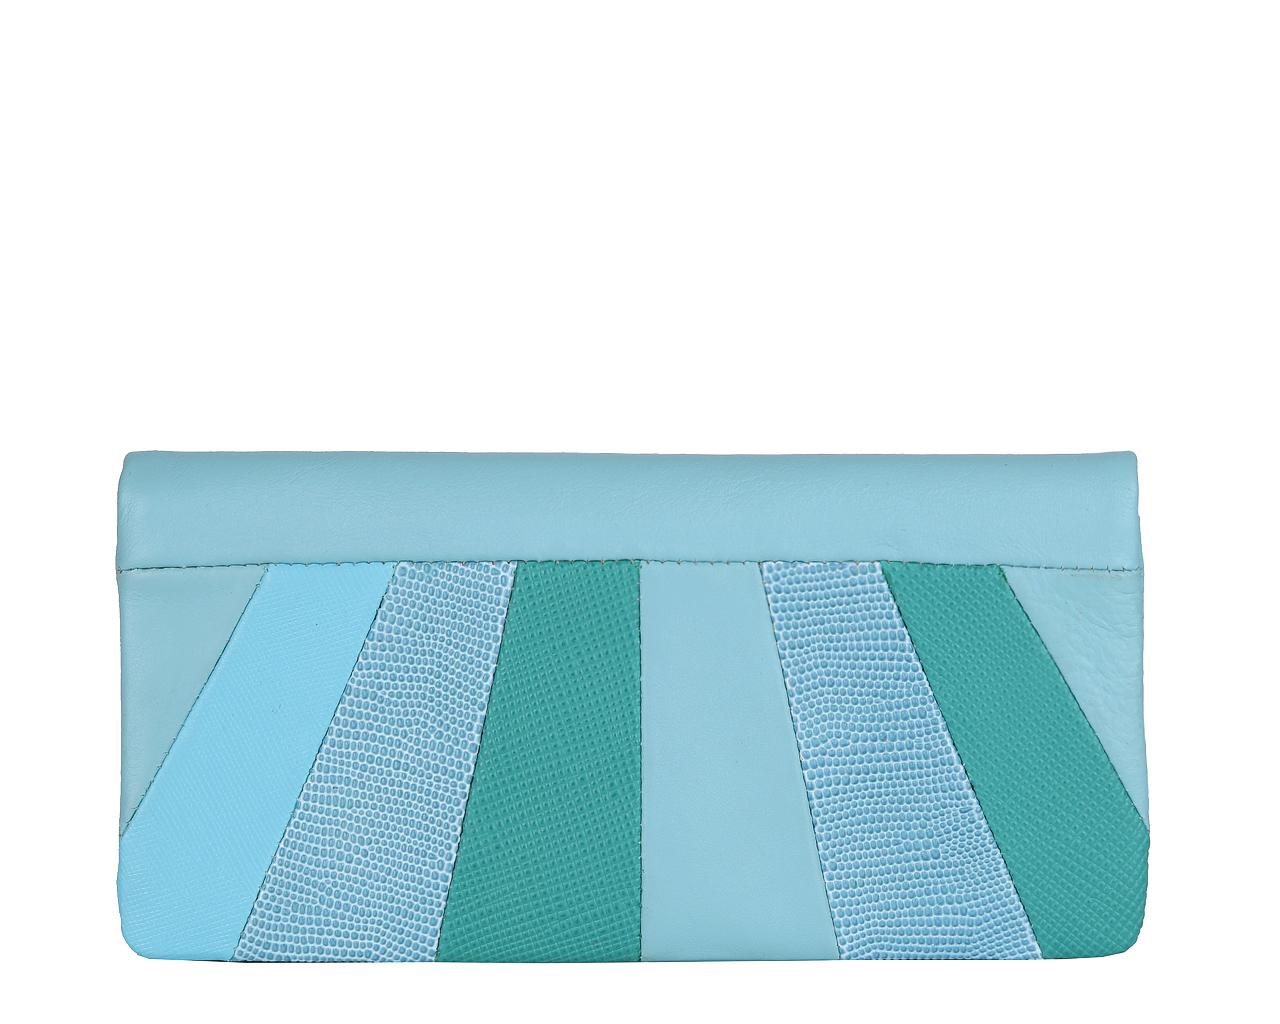 Кошелек женский Leo Ventoni, цвет: голубой. L330905L330905 blueСтильный кошелек Leo Ventoni выполнен из натуральной кожи, оформлен металлической фурнитурой. Внутренняя часть изделия выполнена из текстиля и натуральной кожи. Изделие раскладывается и закрывается на кнопку. Кошелек содержит два отделения для купюр, пятнадцать карманов для кредитных карт, один из которых дополнен сетчатой вставкой. Отделение для монет закрывается на рамочный замок. Изделие поставляется в фирменной упаковке. Стильный кошелек Leo Ventoni станет отличным подарком для человека, ценящего качественные и практичные вещи.